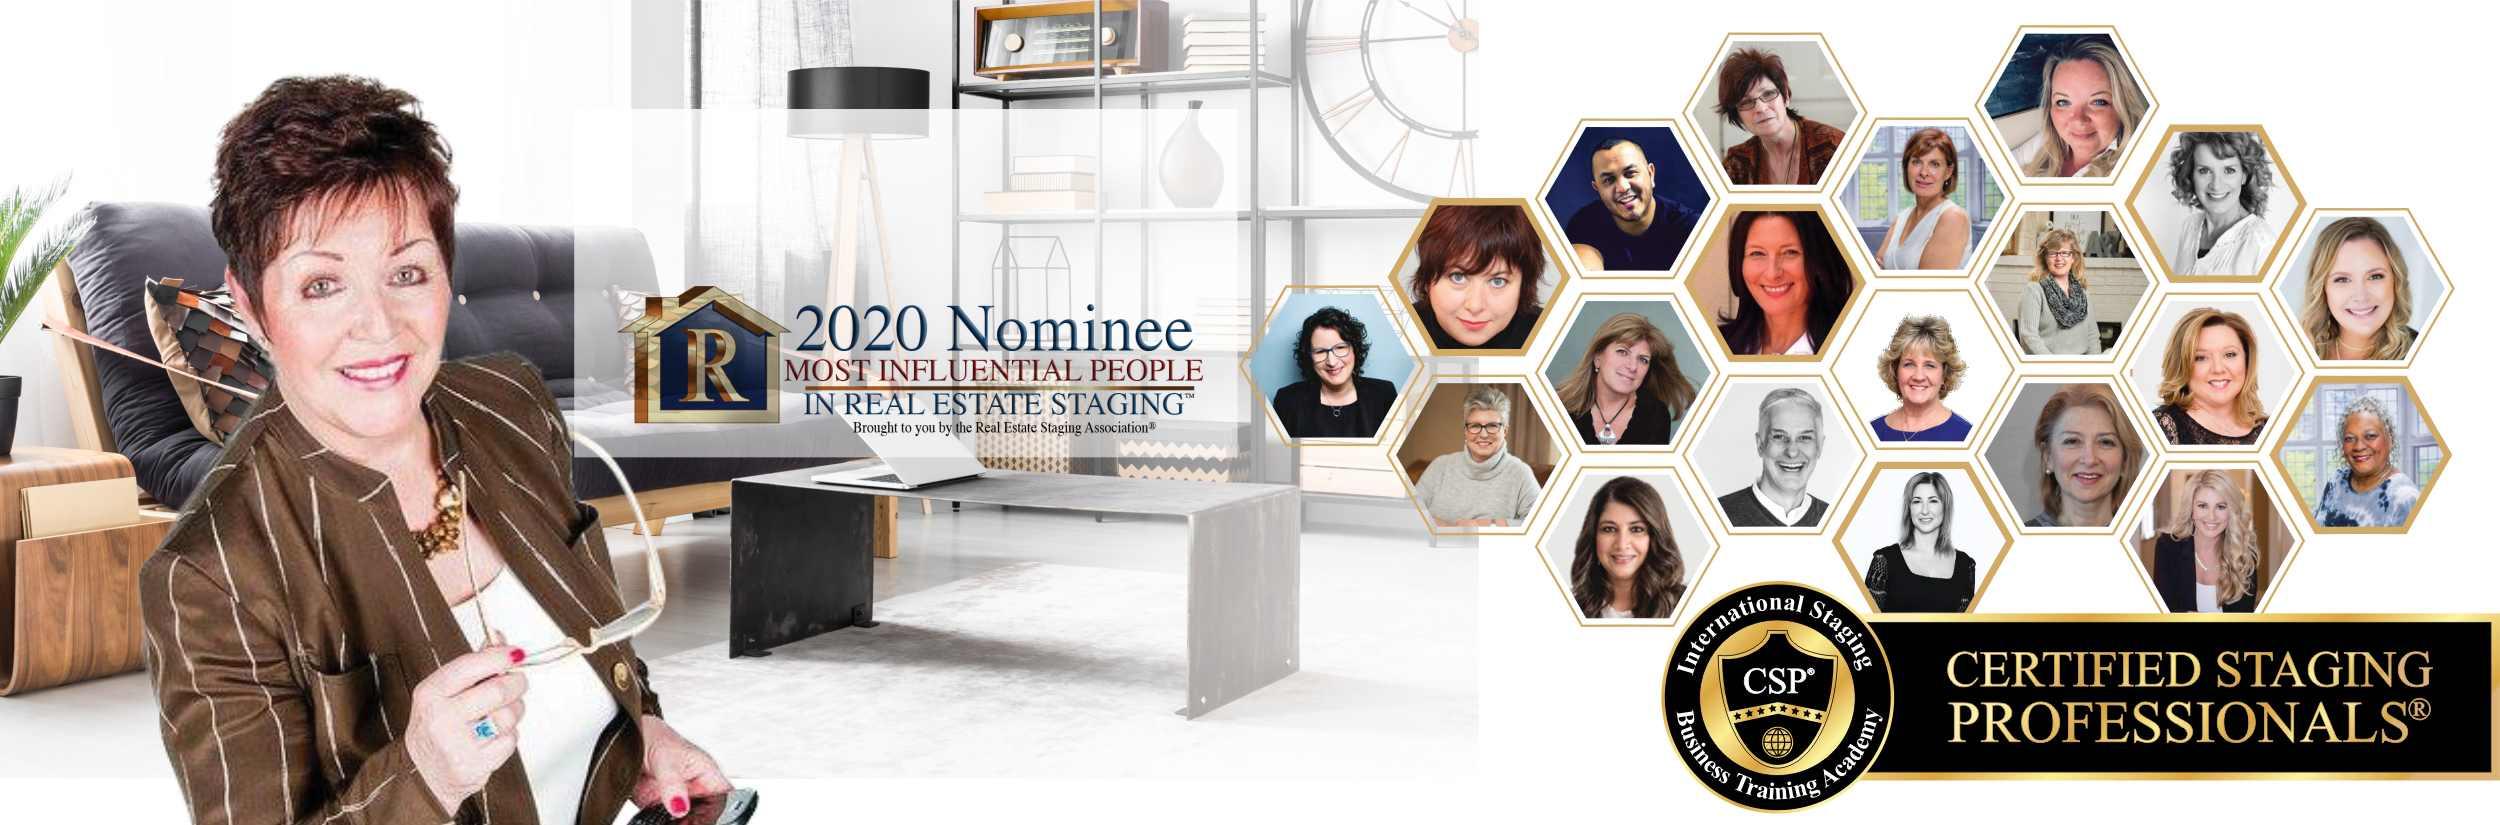 csp grads 2020 most influential resa finalists